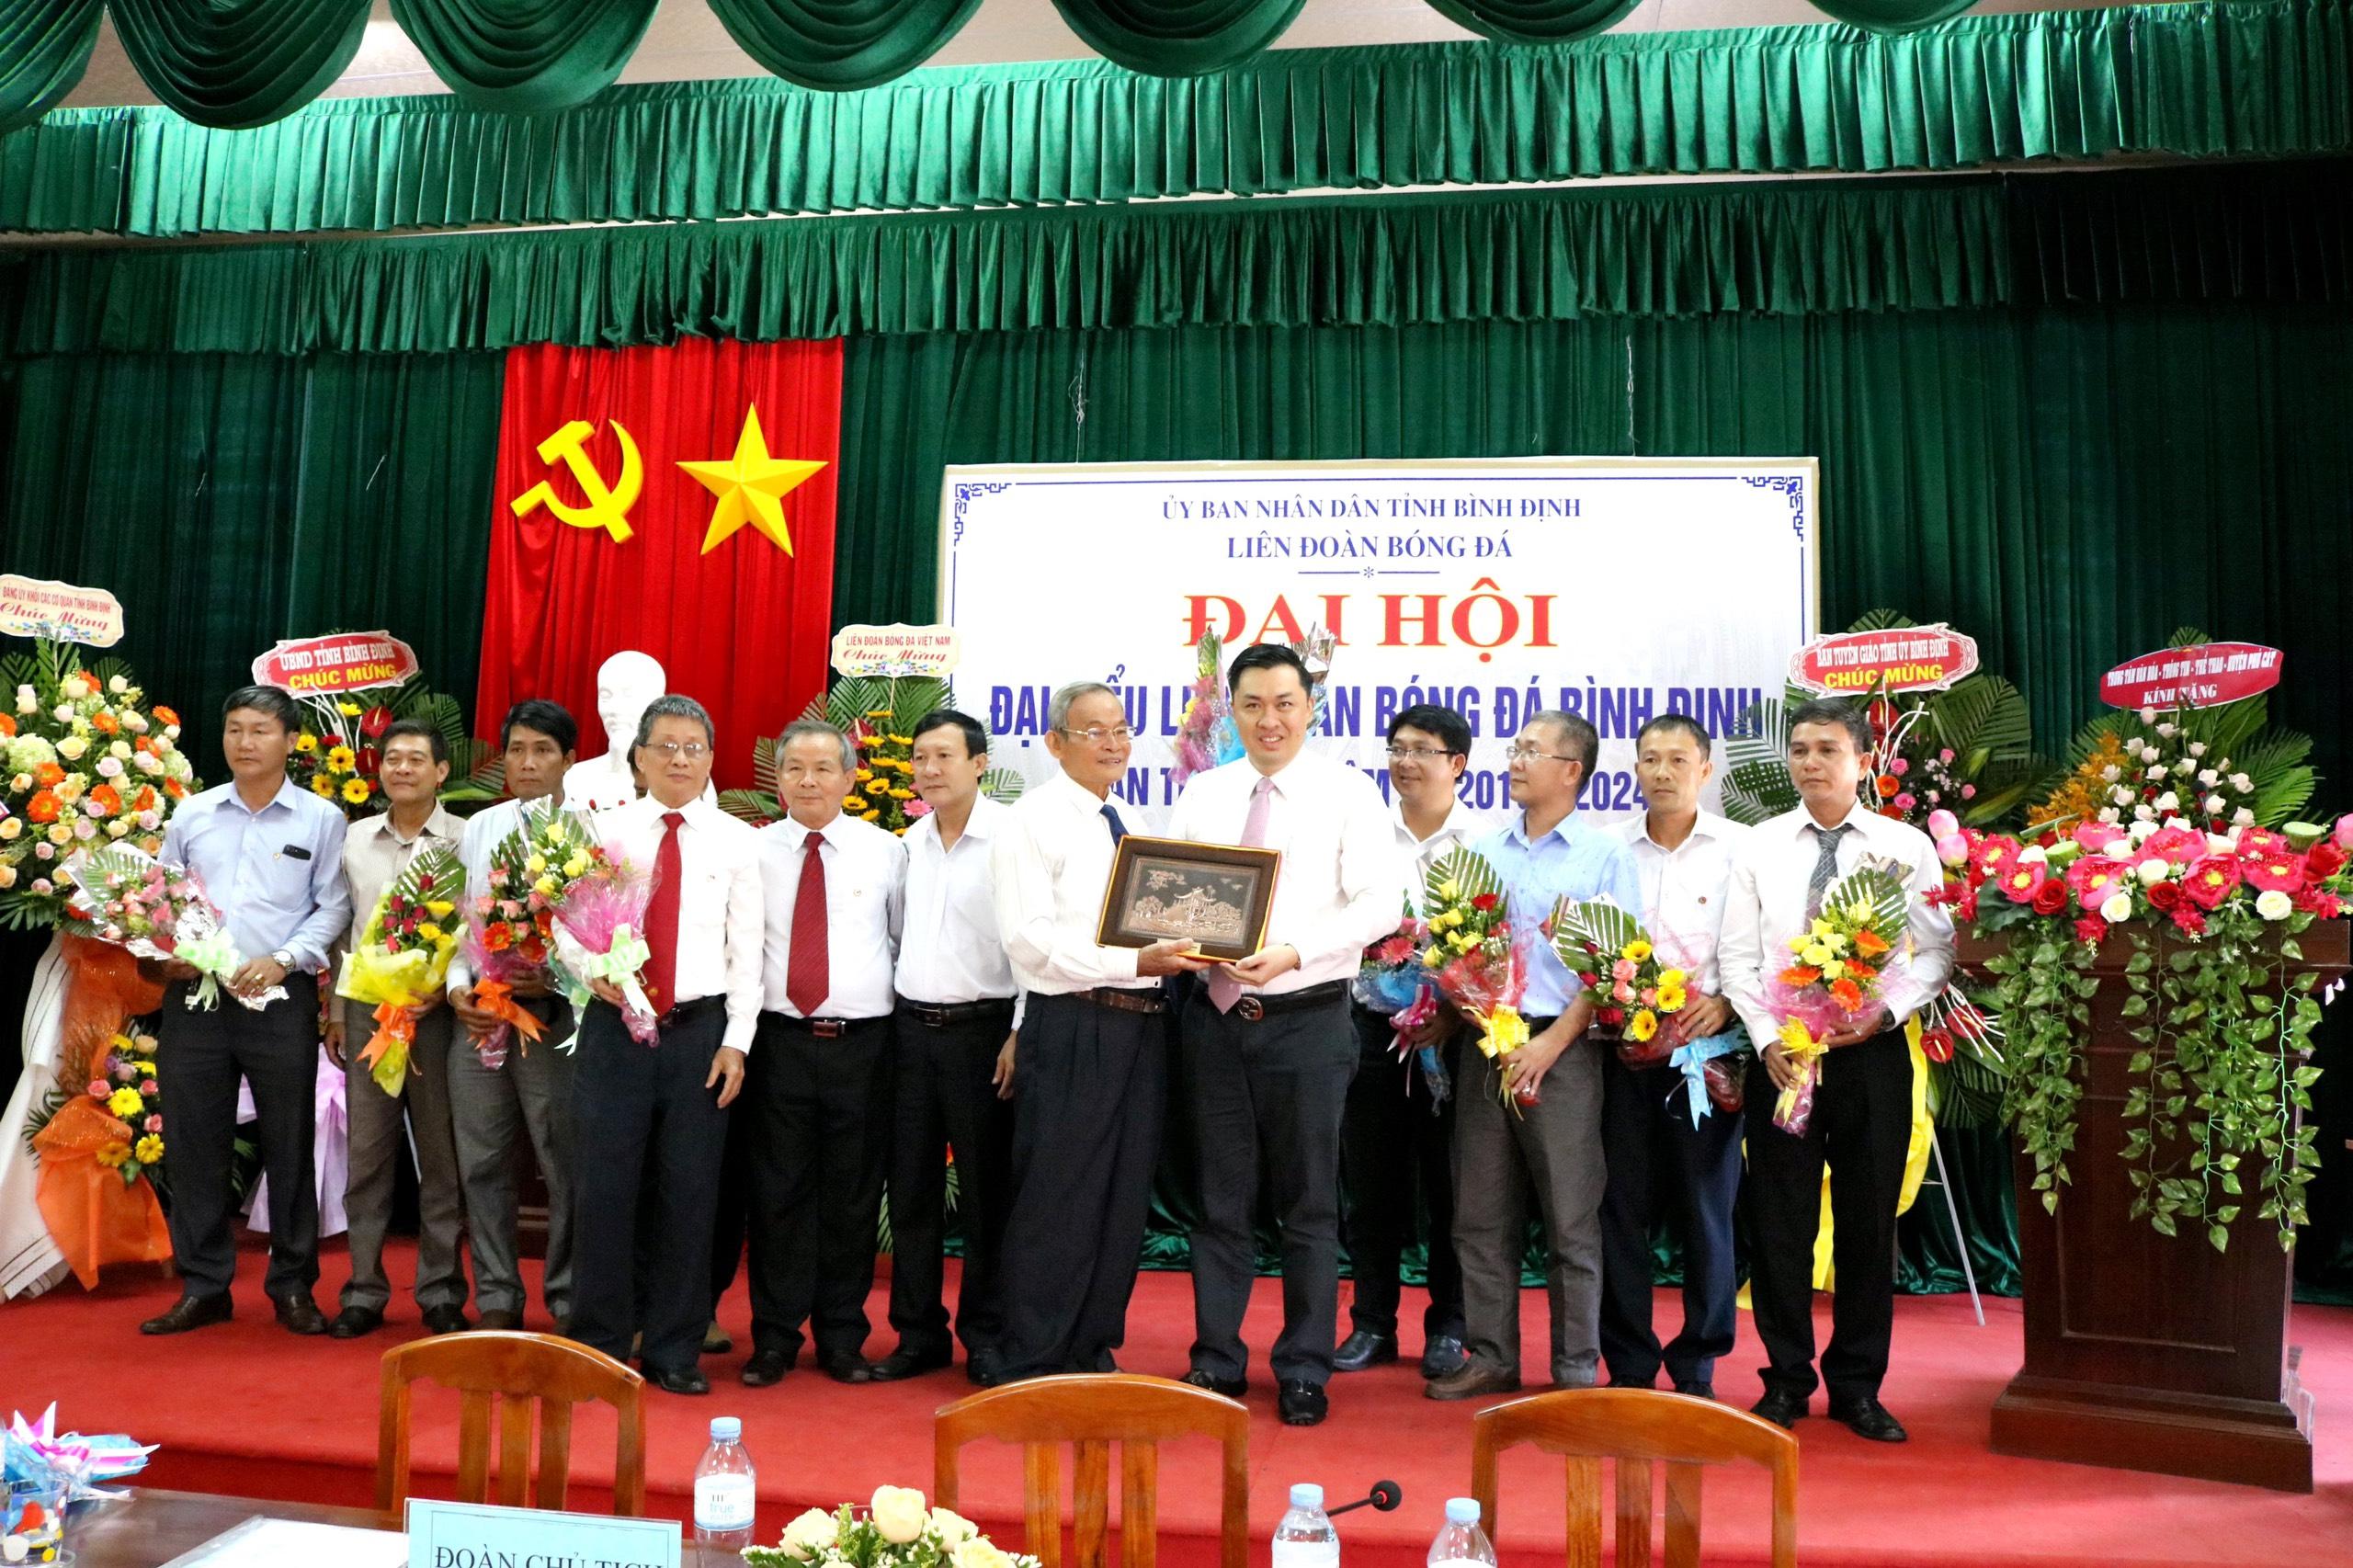 Ông Nguyễn Duy Quý tái đắc cử Chủ tịch LĐBĐ tỉnh Bình Định khóa VI (nhiệm kỳ 2019- 2024)